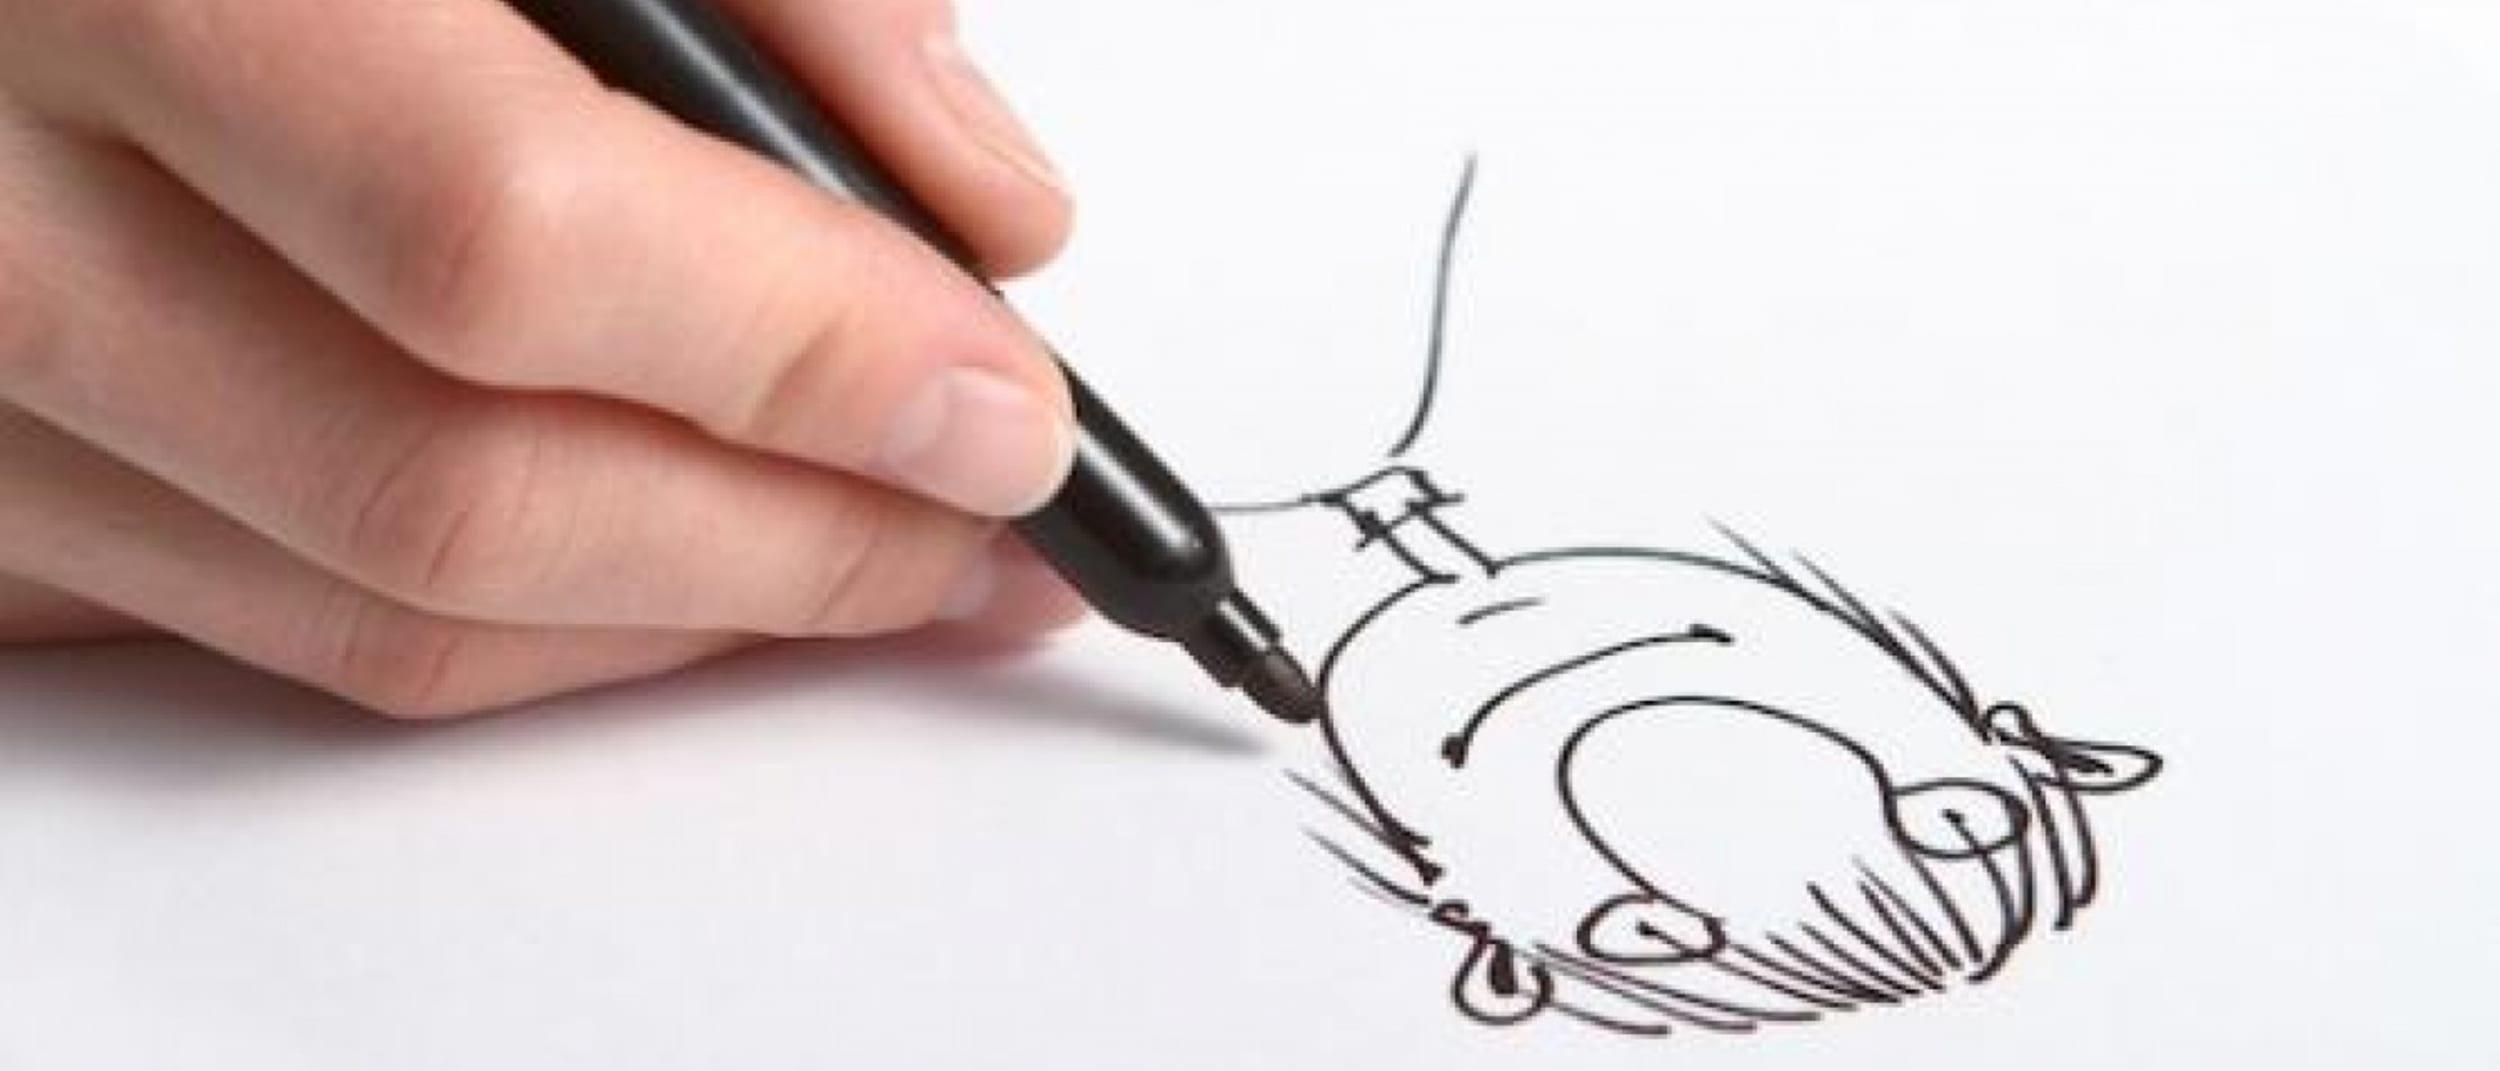 Kids cartooning workshops